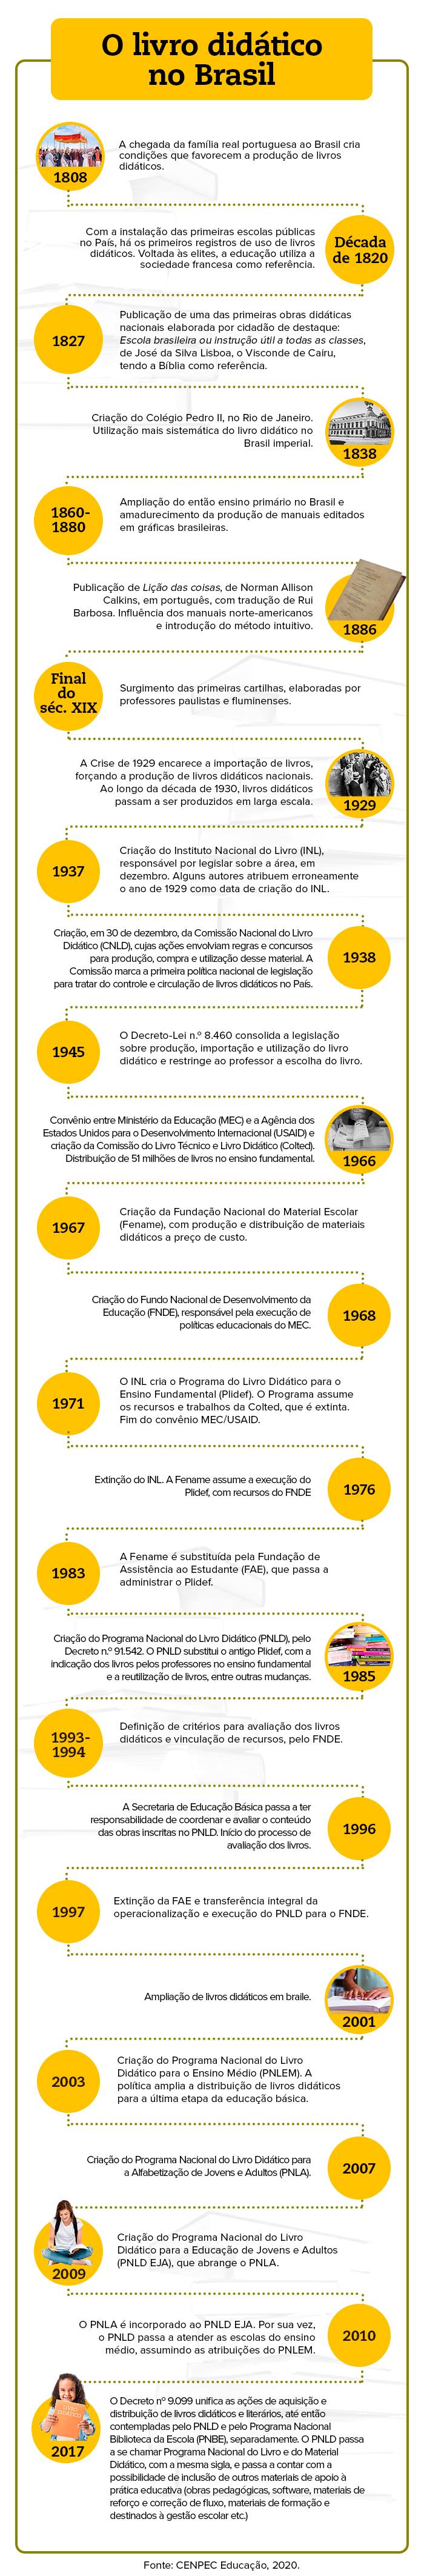 Linha do tempo: a história do livro didático no Brasil.